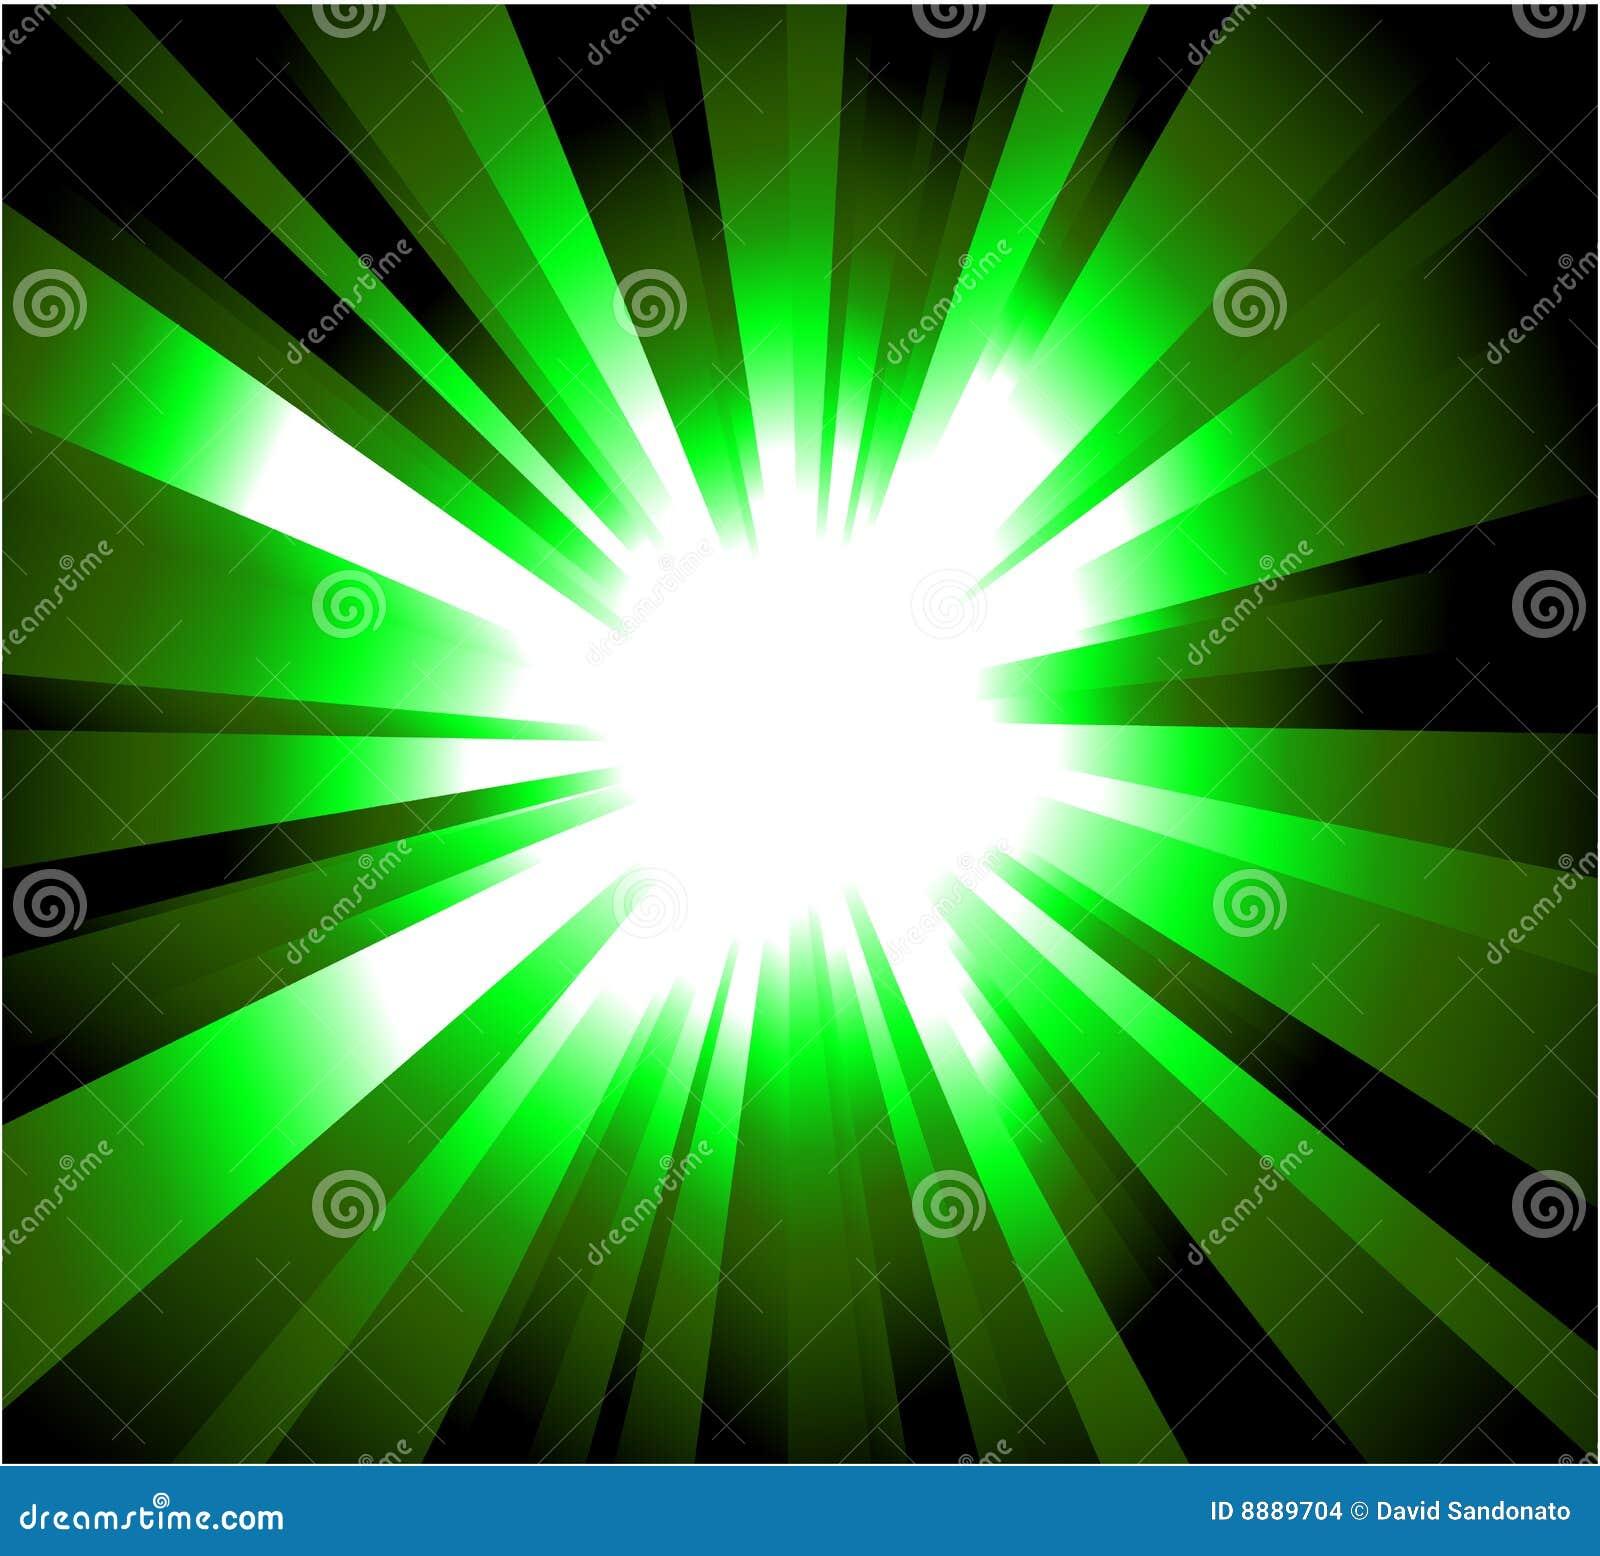 Nanda Parbat Trip [Mission JL-Martian M., Jade, Green Arrow] Green-rays-explosion-8889704